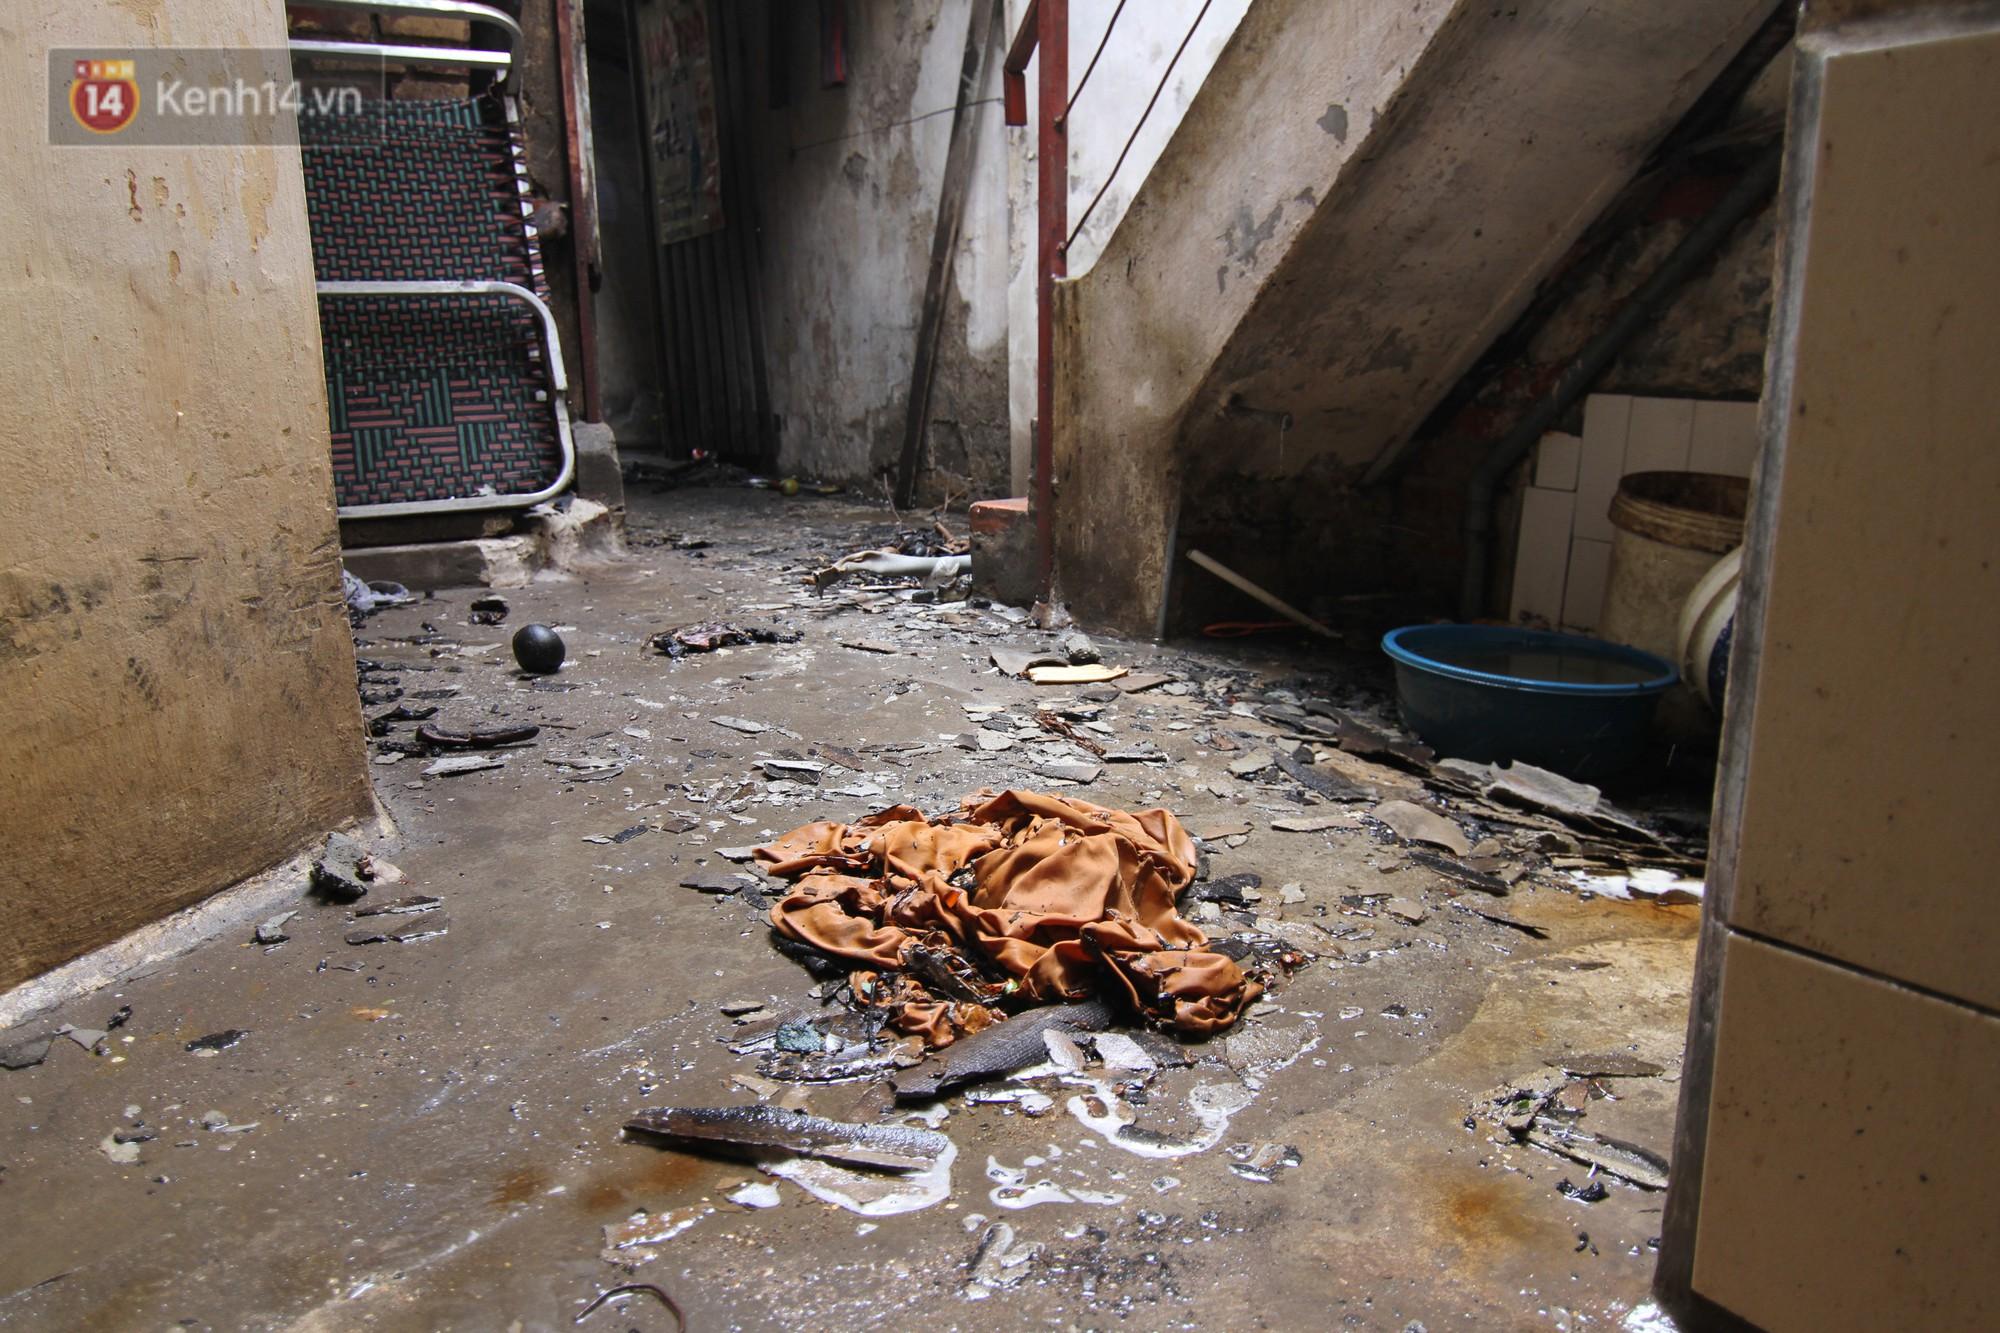 Ảnh: Khung cảnh tan hoang bên trong dãy trọ bị 'giặc lửa' thiêu rụi ở Hà Nội 21